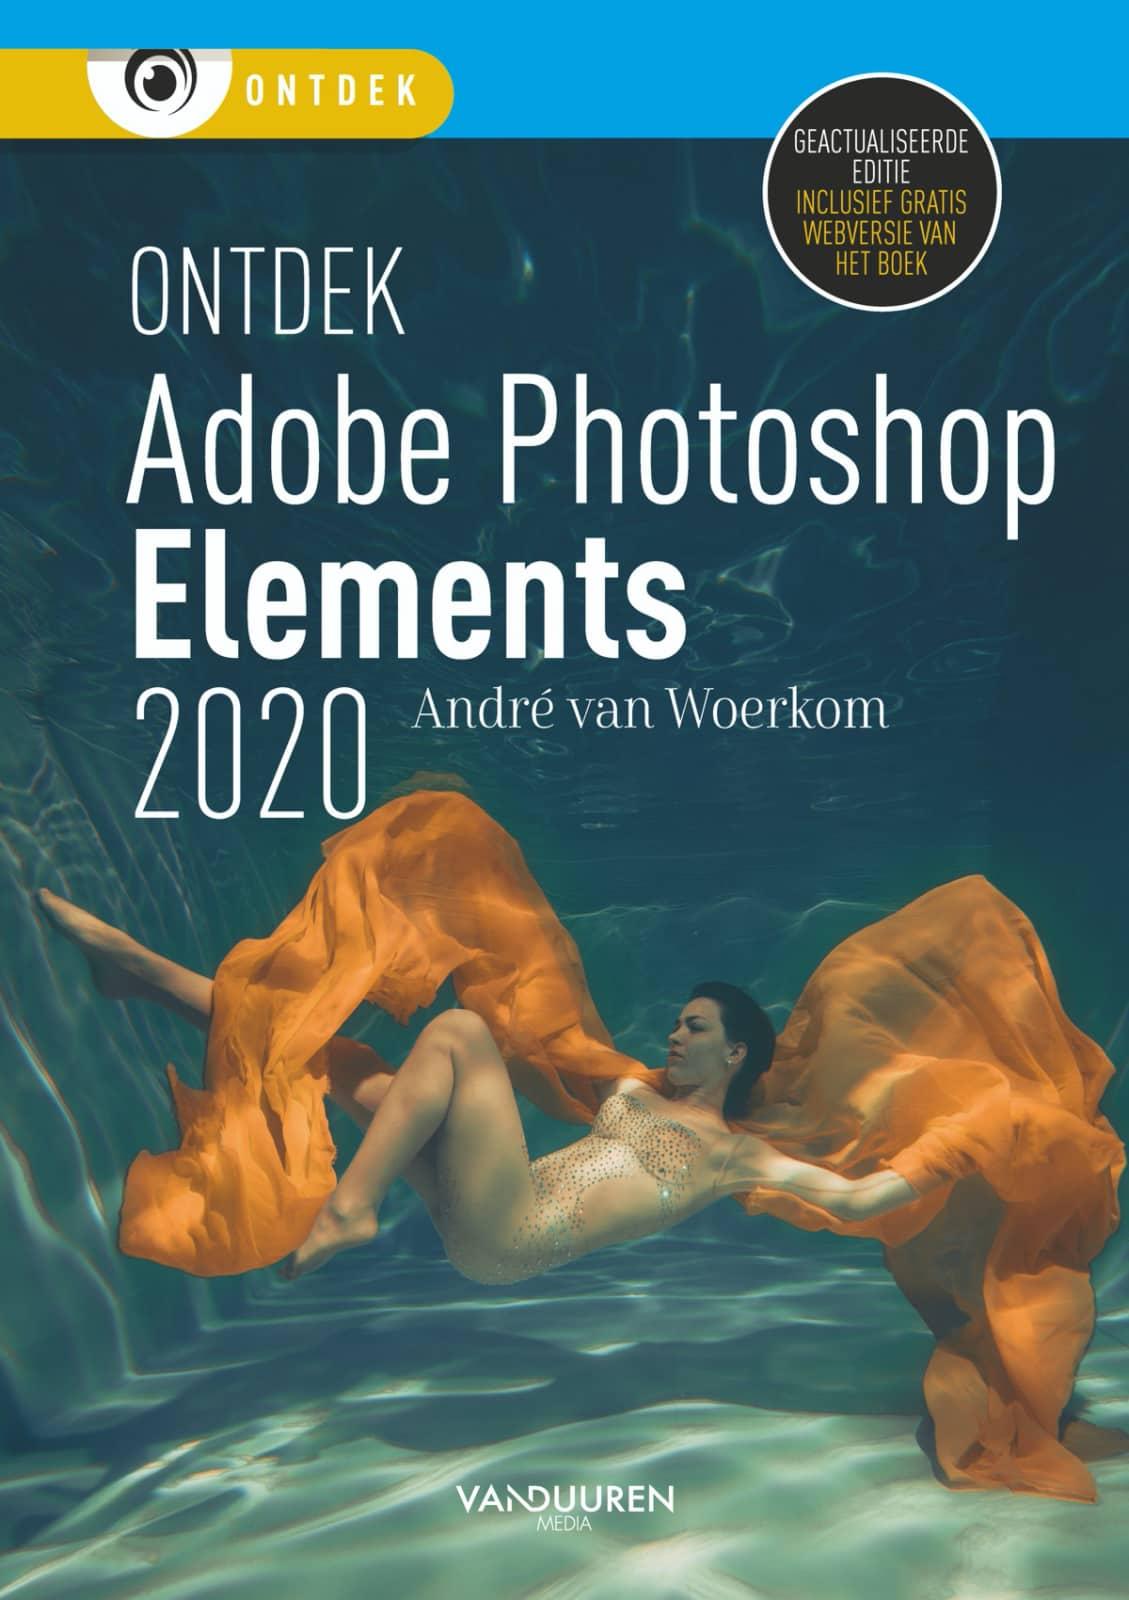 Ontdek Photoshop Elements 2020 - André van Woerkom, isbn  9789463561297